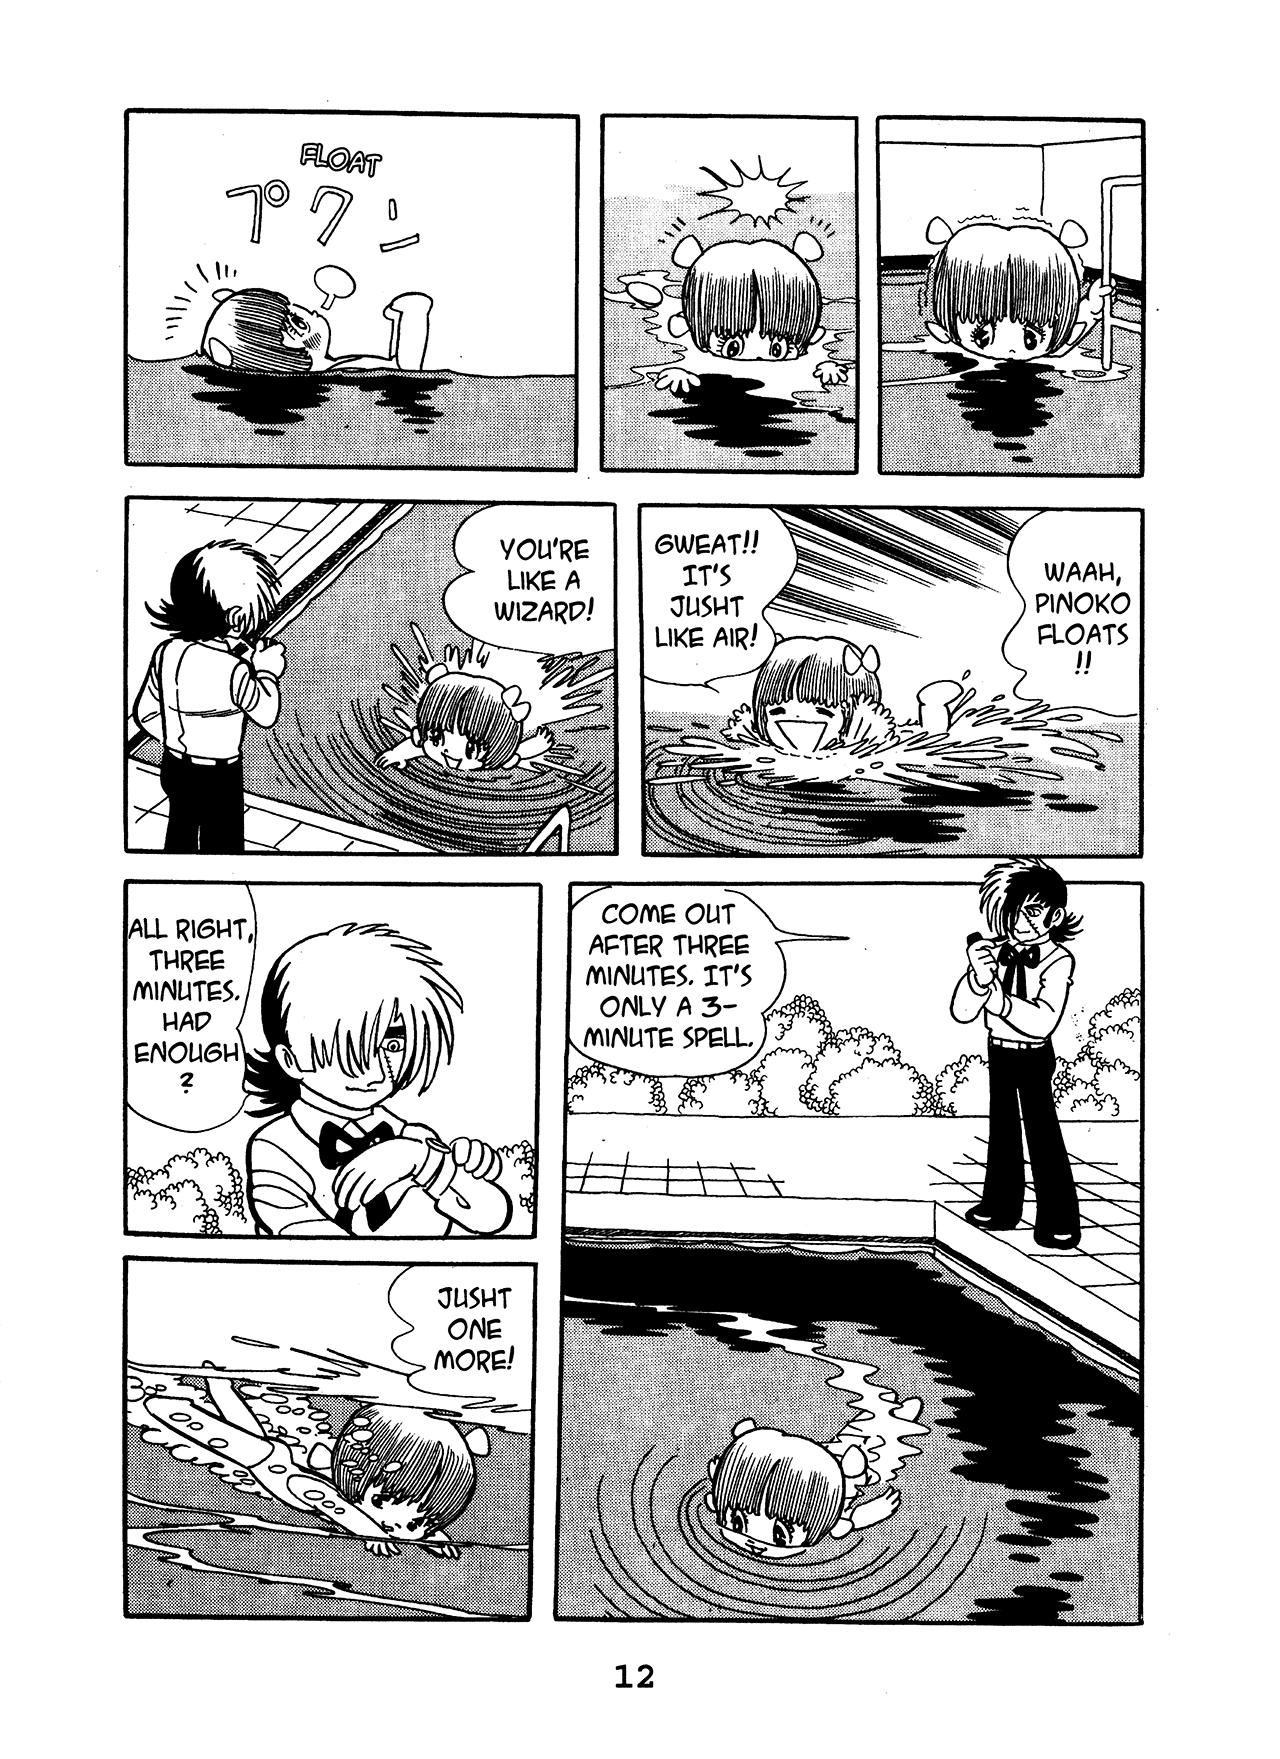 Black jack volume 17 online